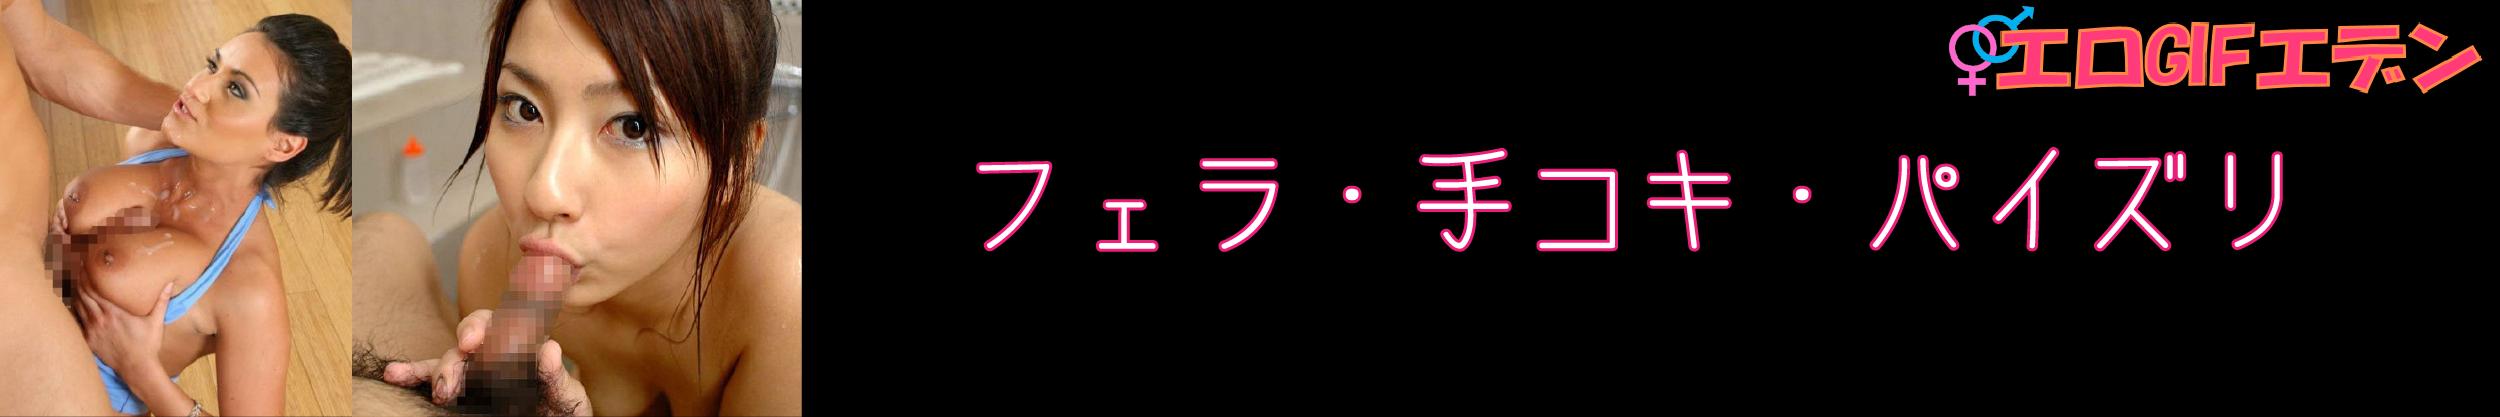 フェラ・手コキ・パイズリ_アートボード 1_アートボード 1